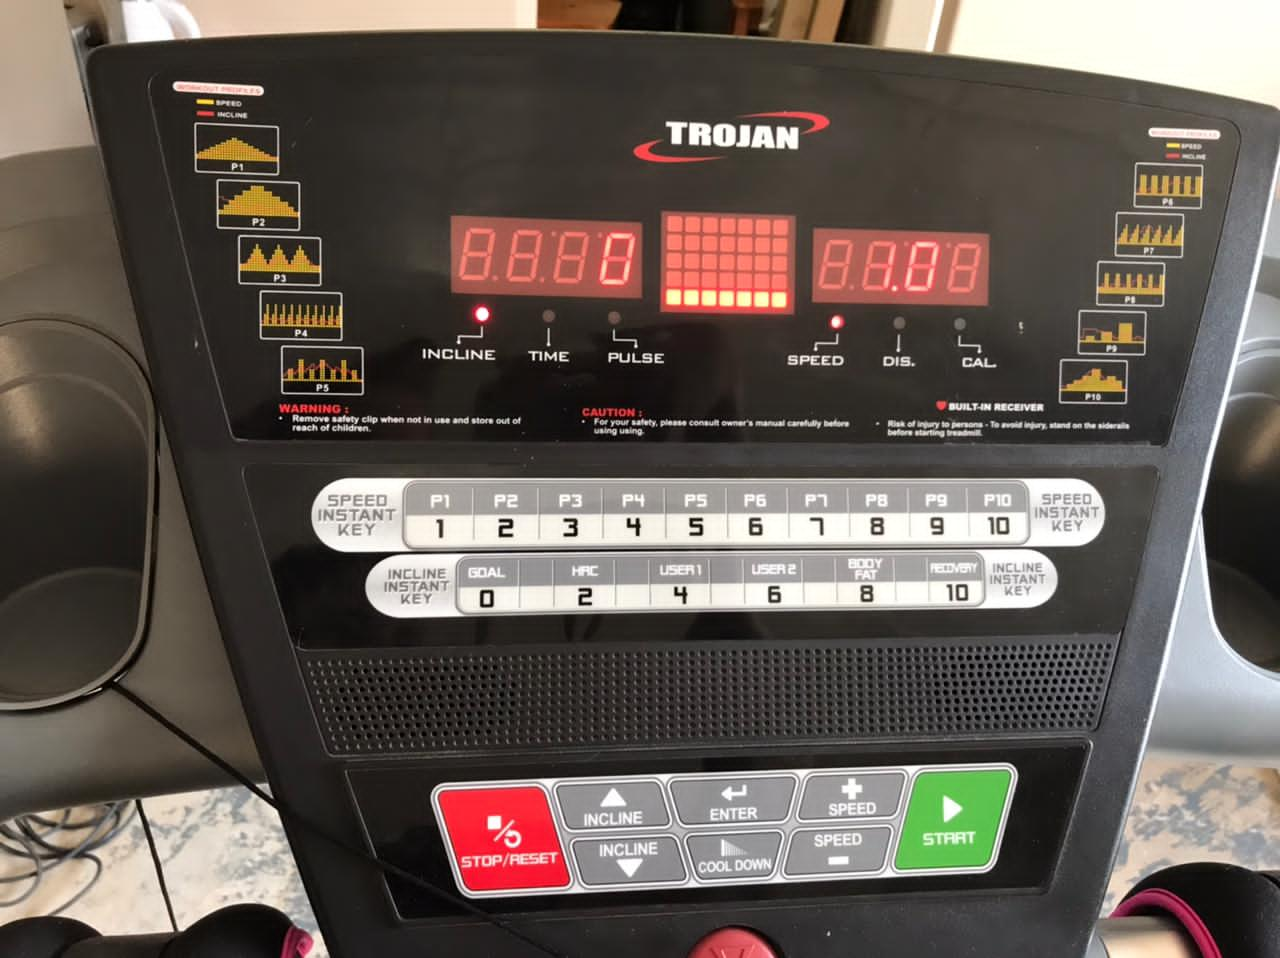 Trojan Treadmill for sale